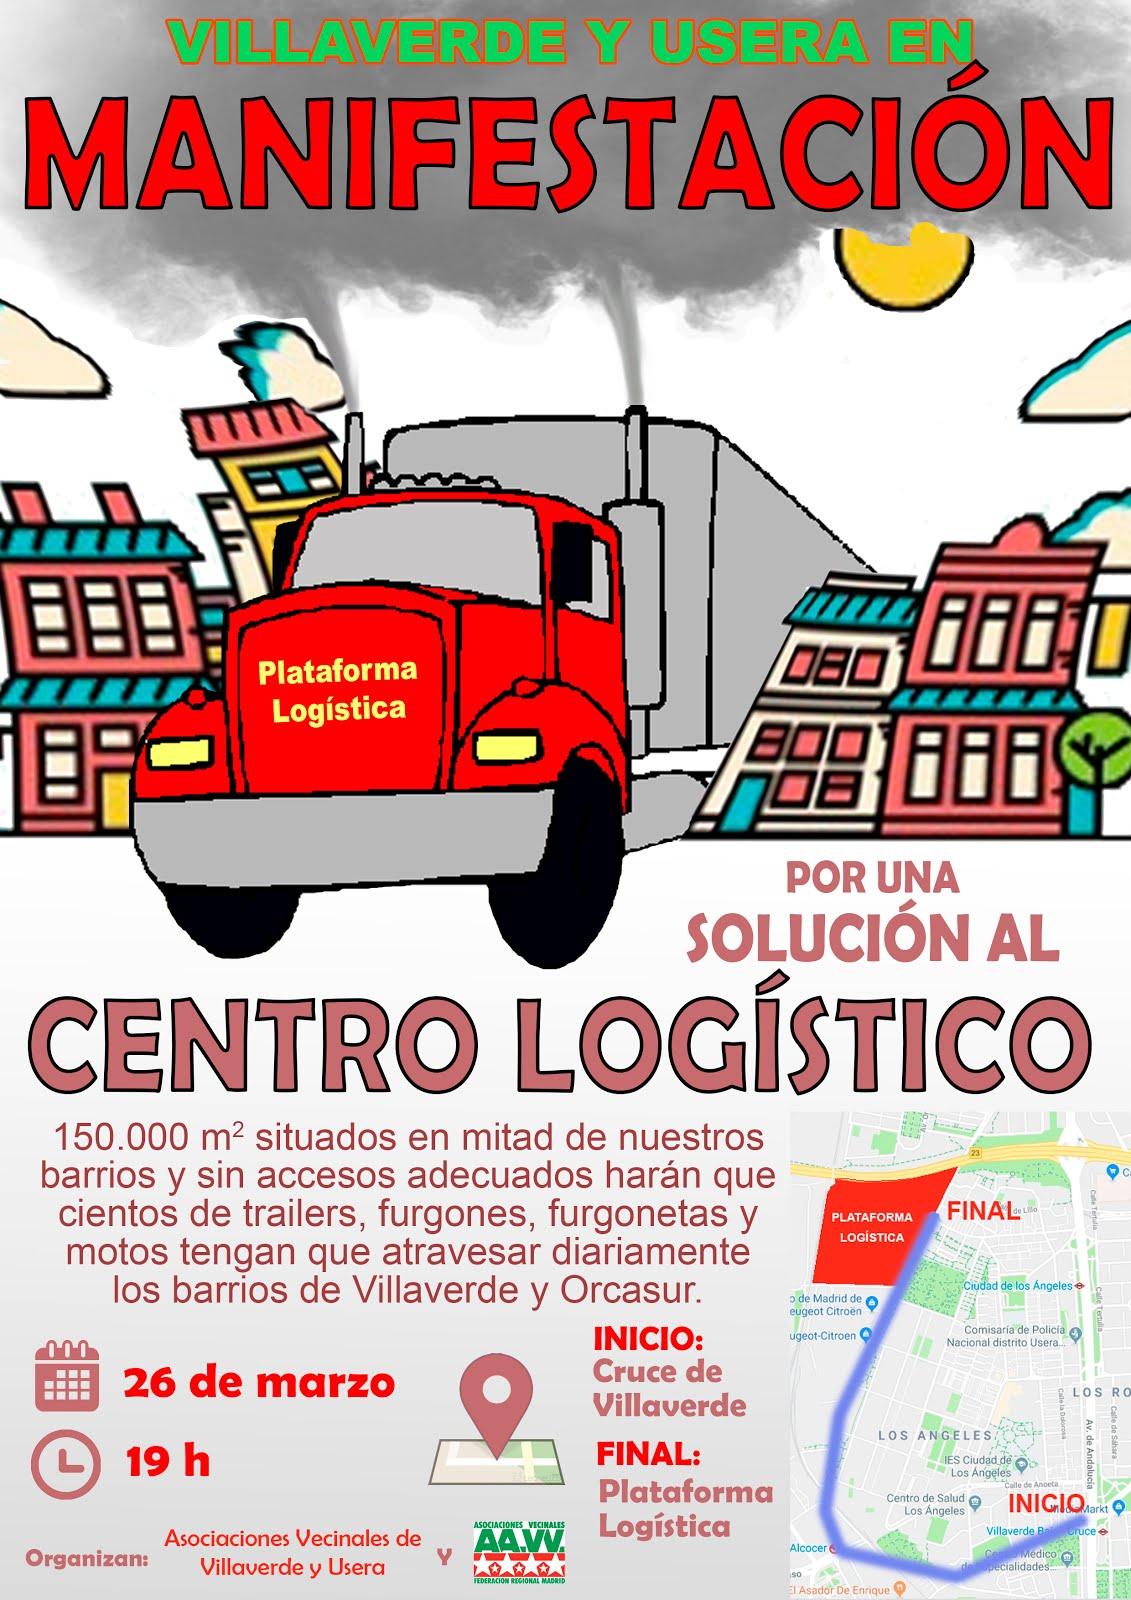 26 de marzo Manifestación en Villaverde / Usera